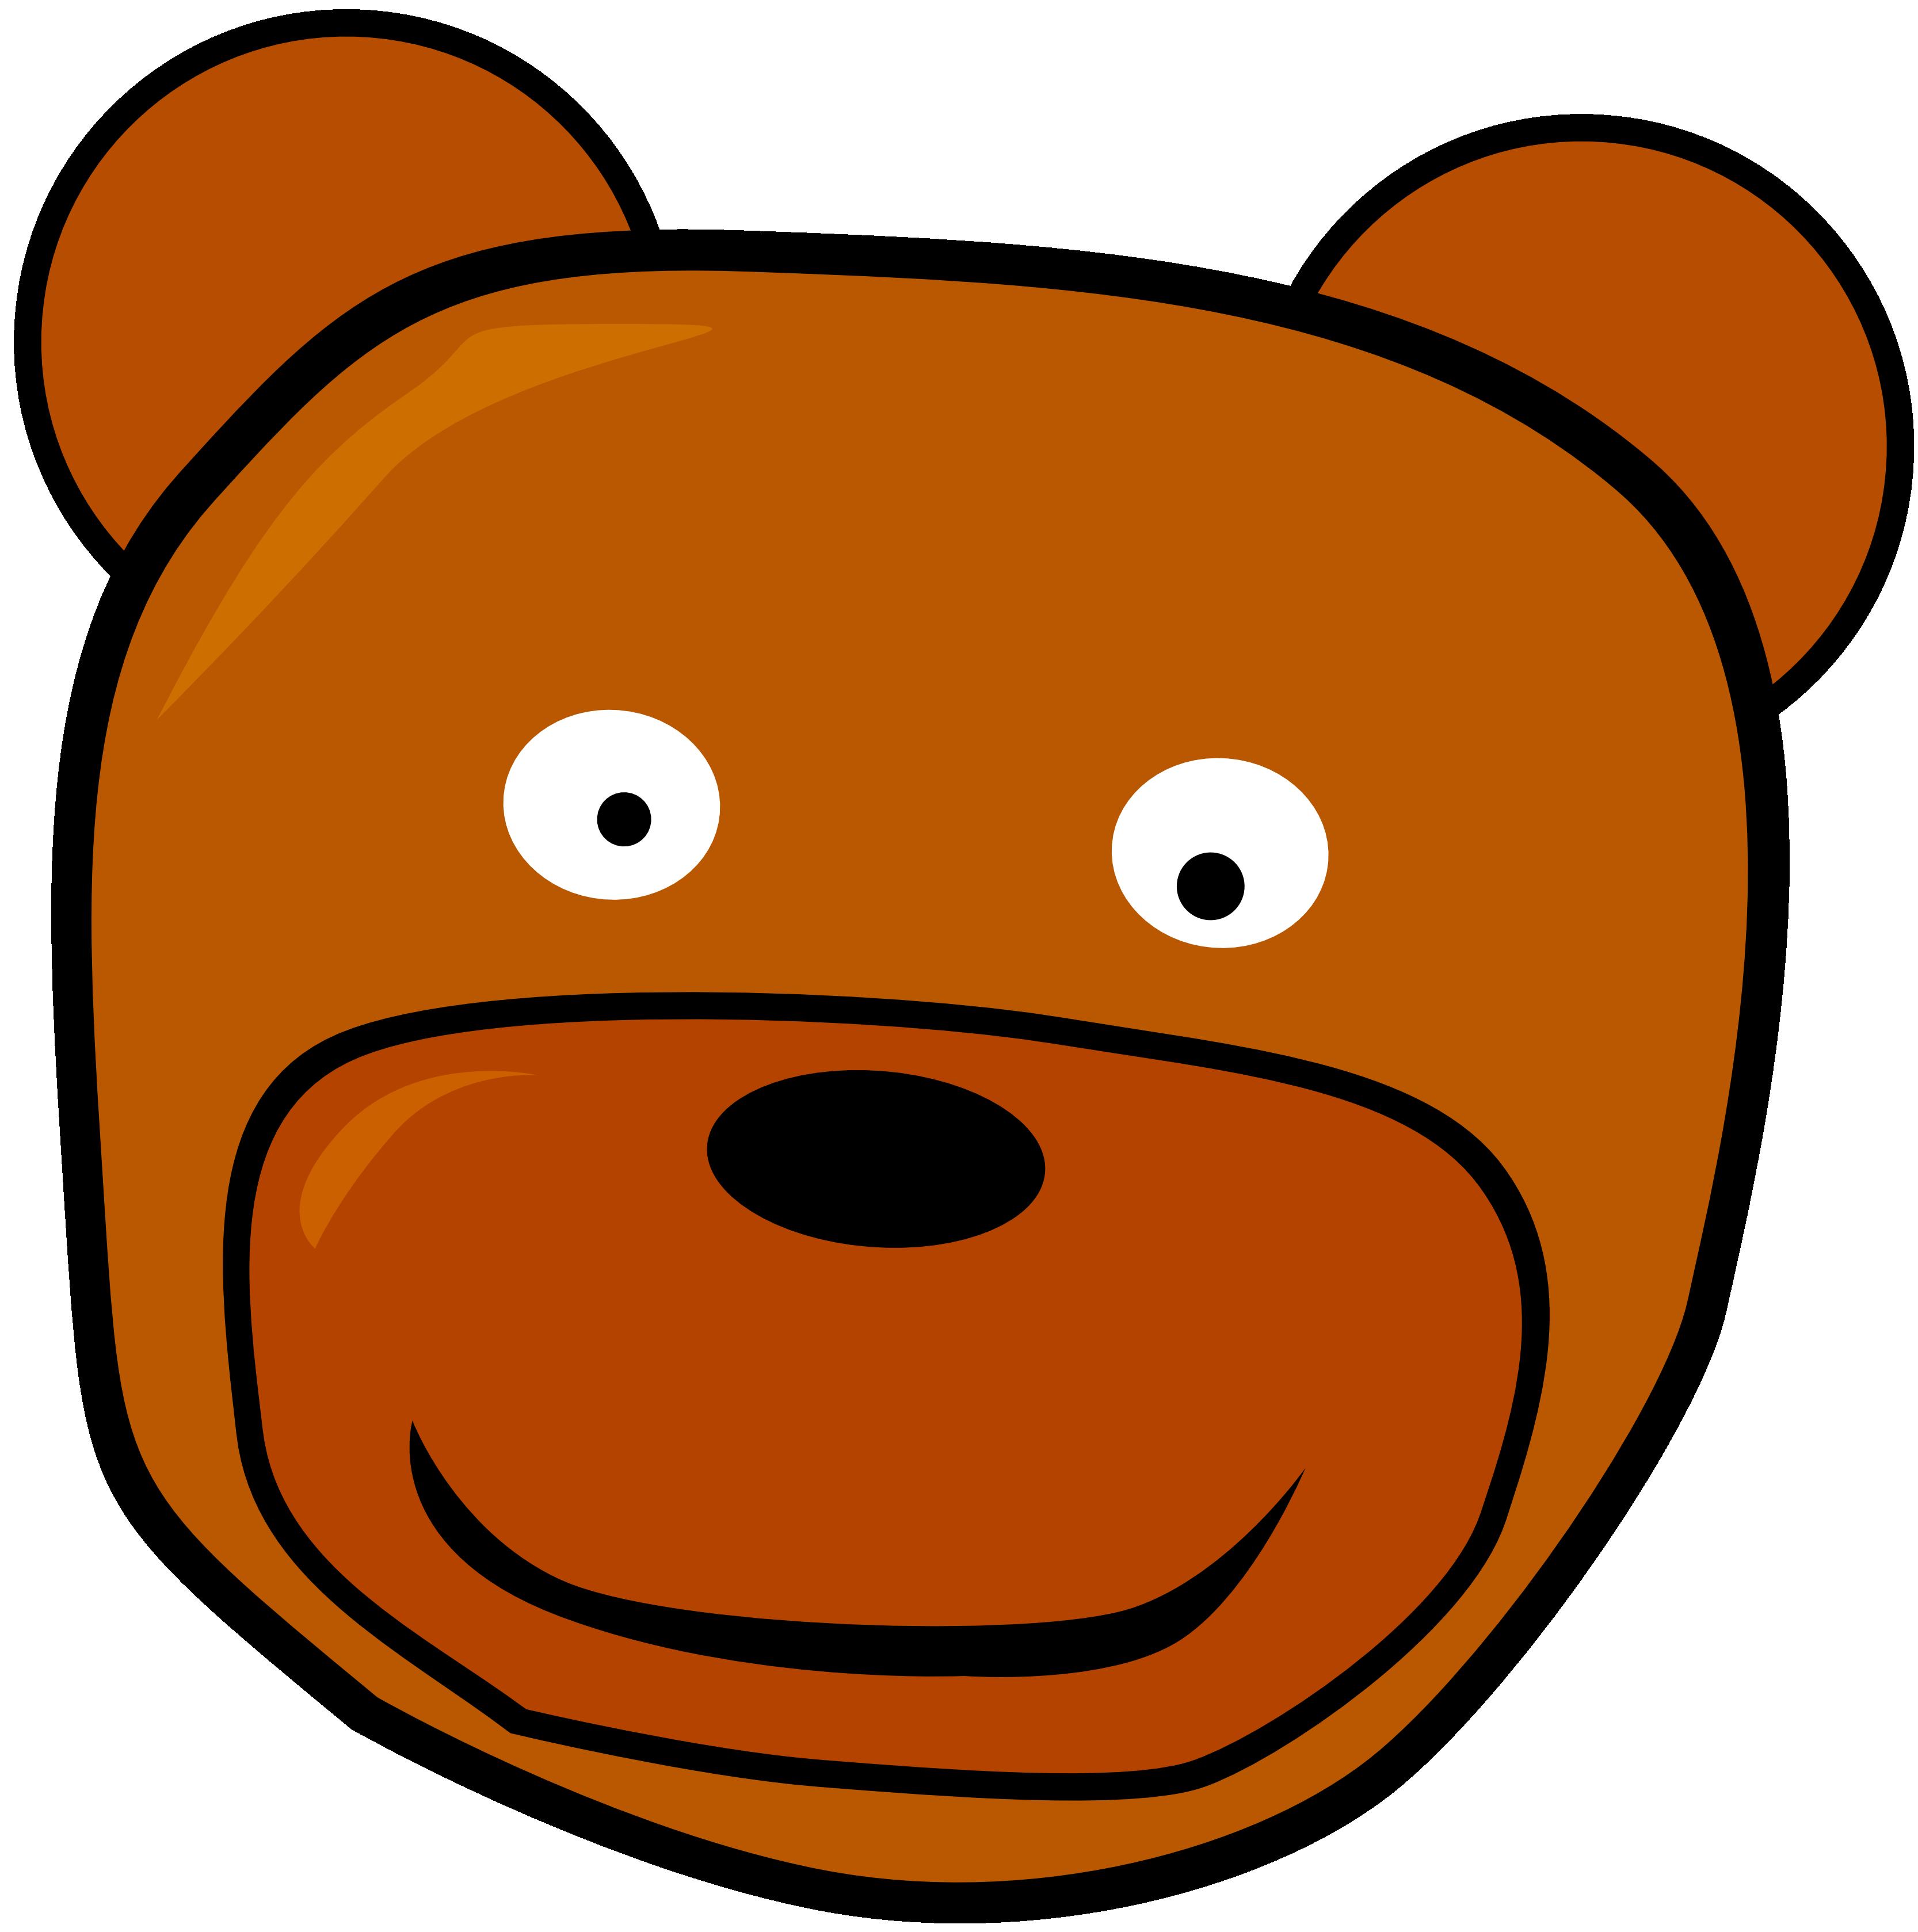 Teddy clipart head #14